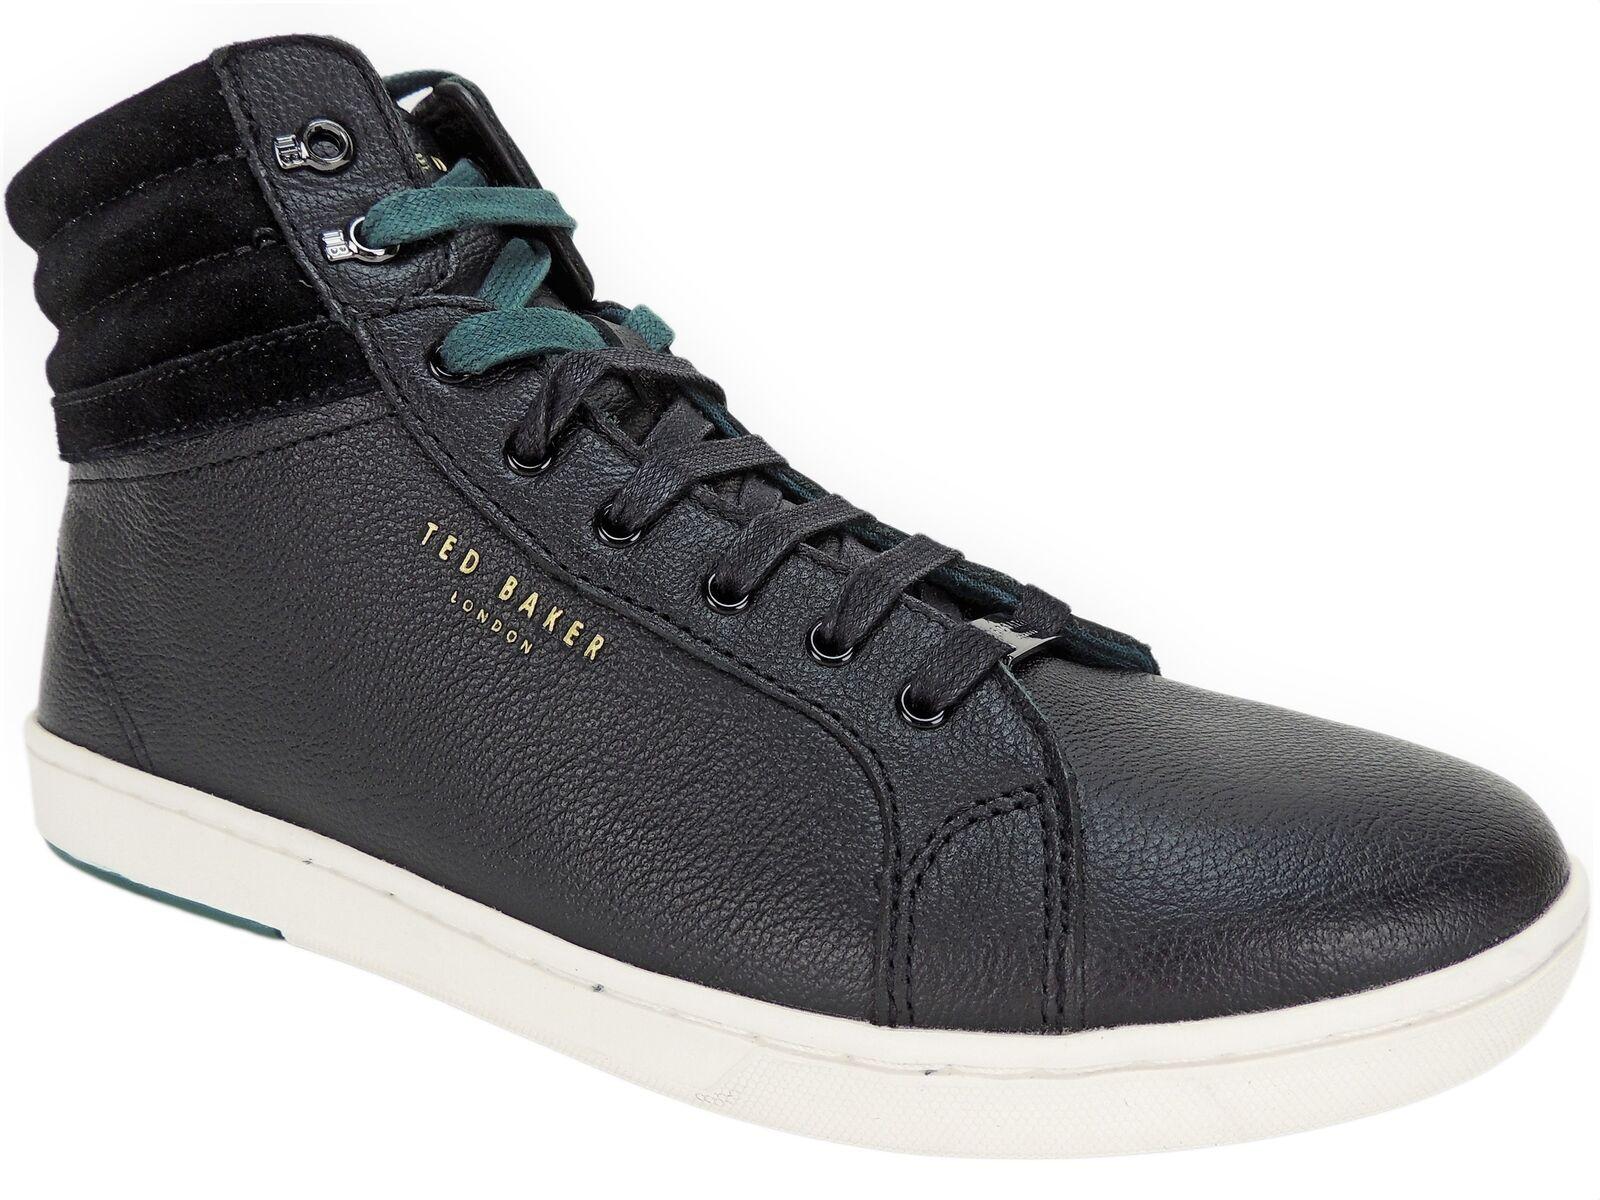 Adidas Originals hombres zapatos negro EQT Support 93 / 17 by9509 B ca4dc3